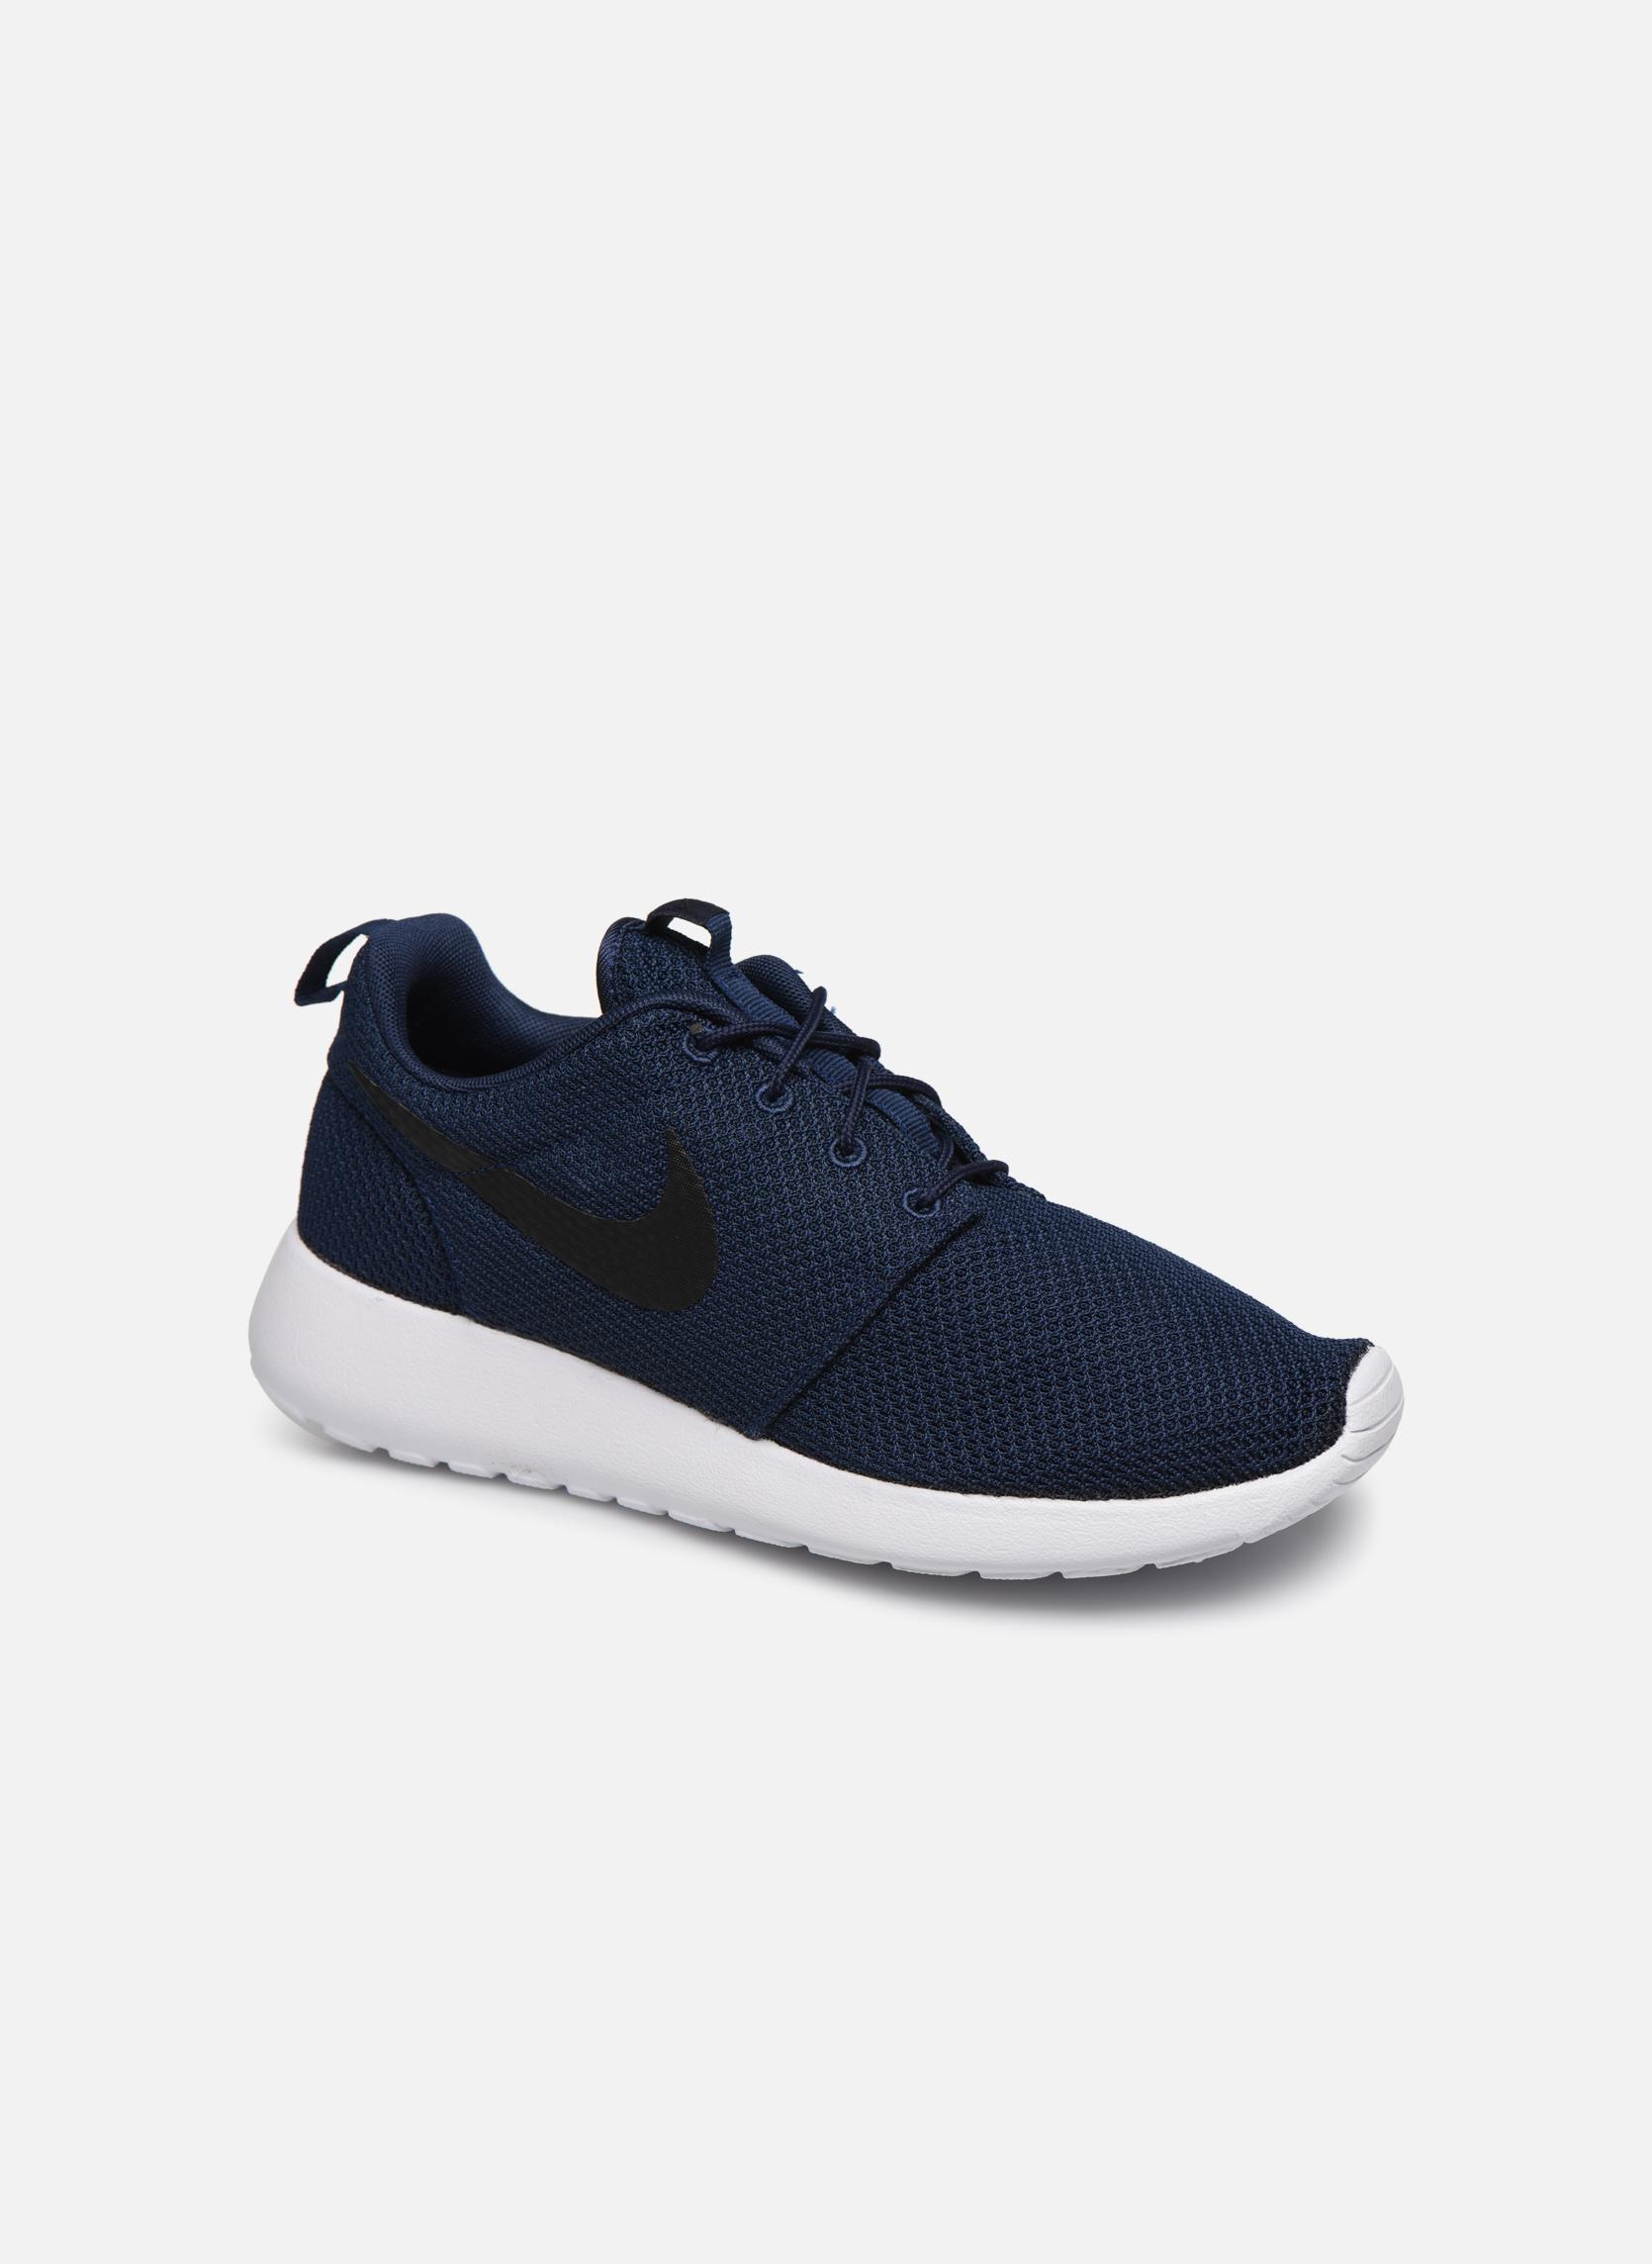 Nike Roshe One Midnight Navy/Black-White